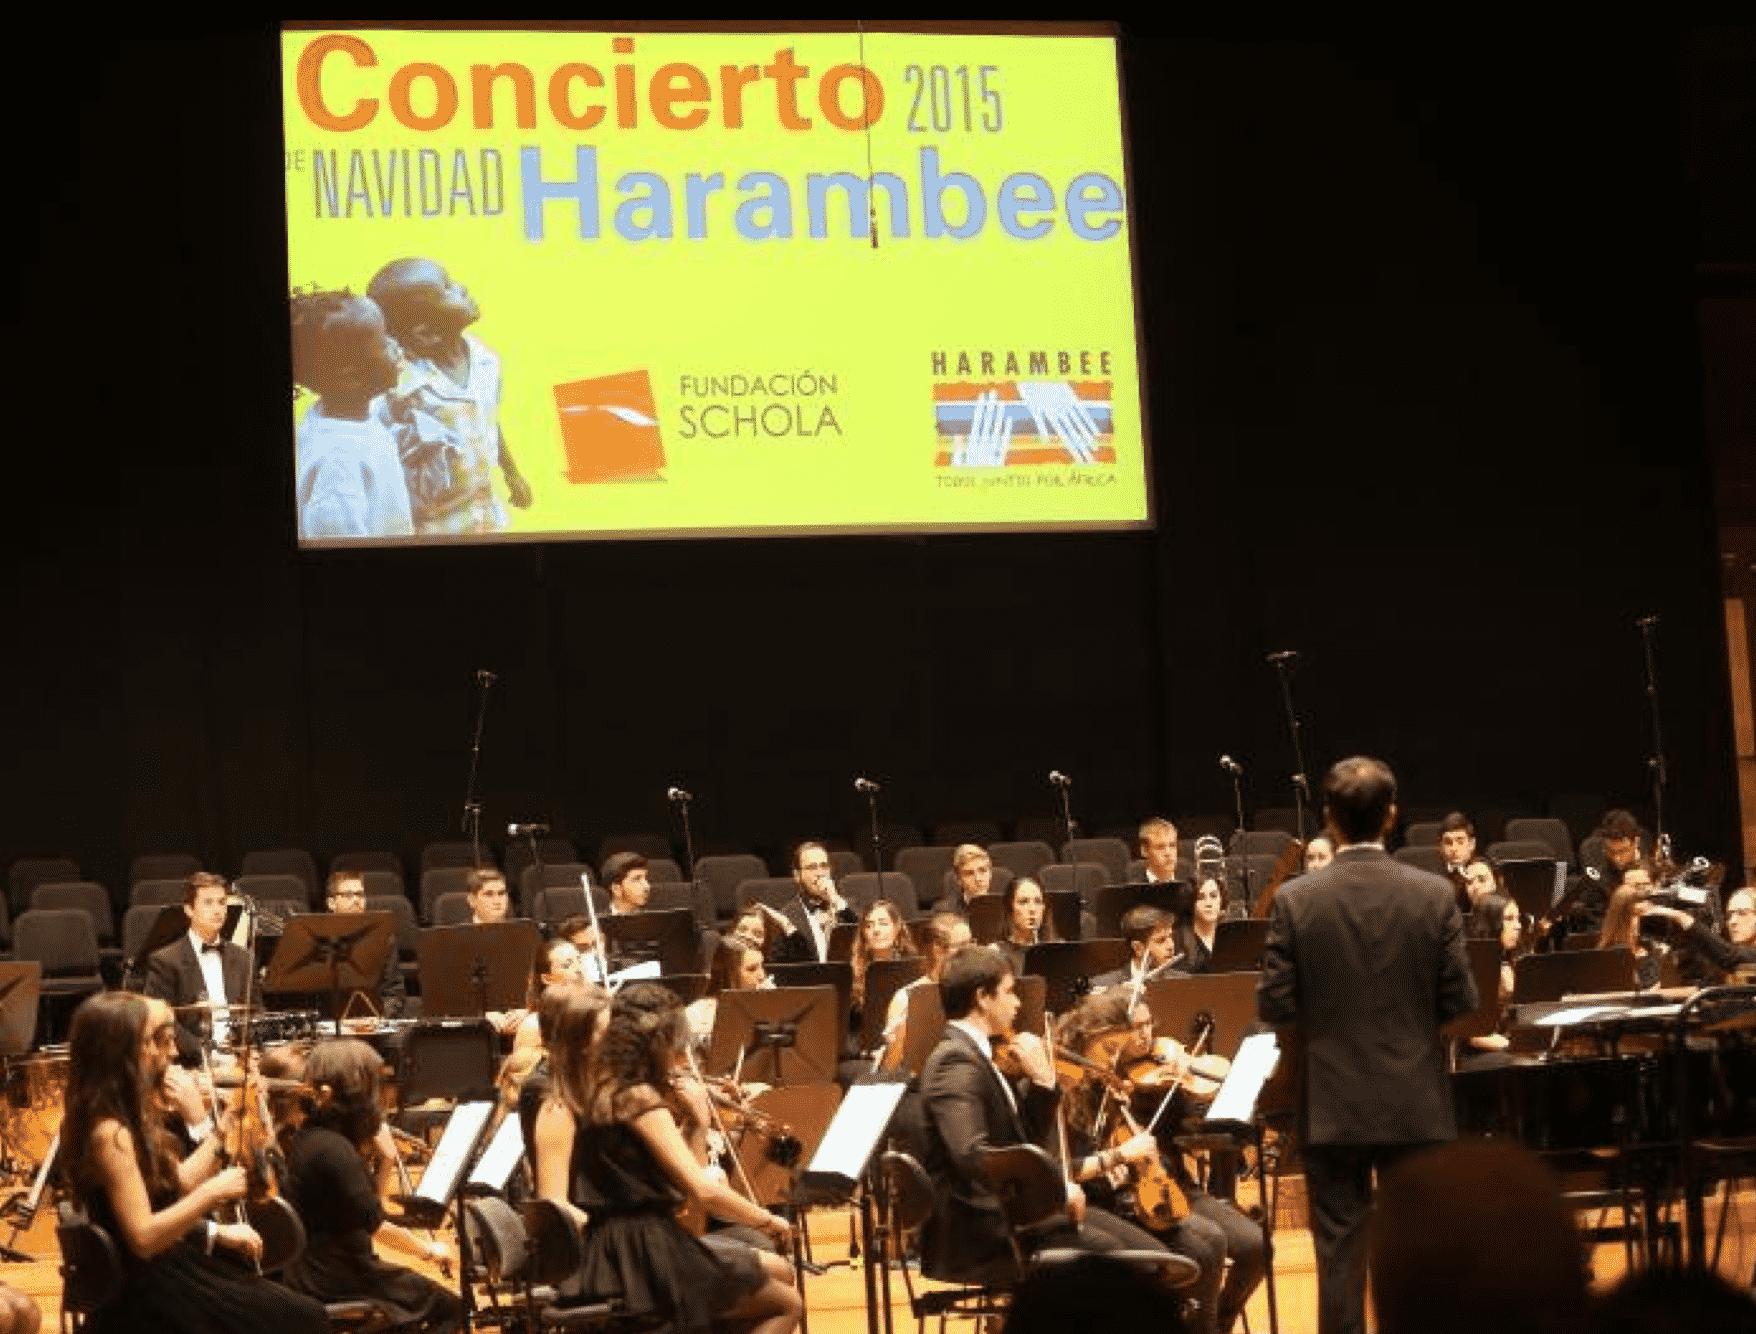 El concierto solidario de Navidad de la Fundación Schola rinde homenaje a 'Fantasía'